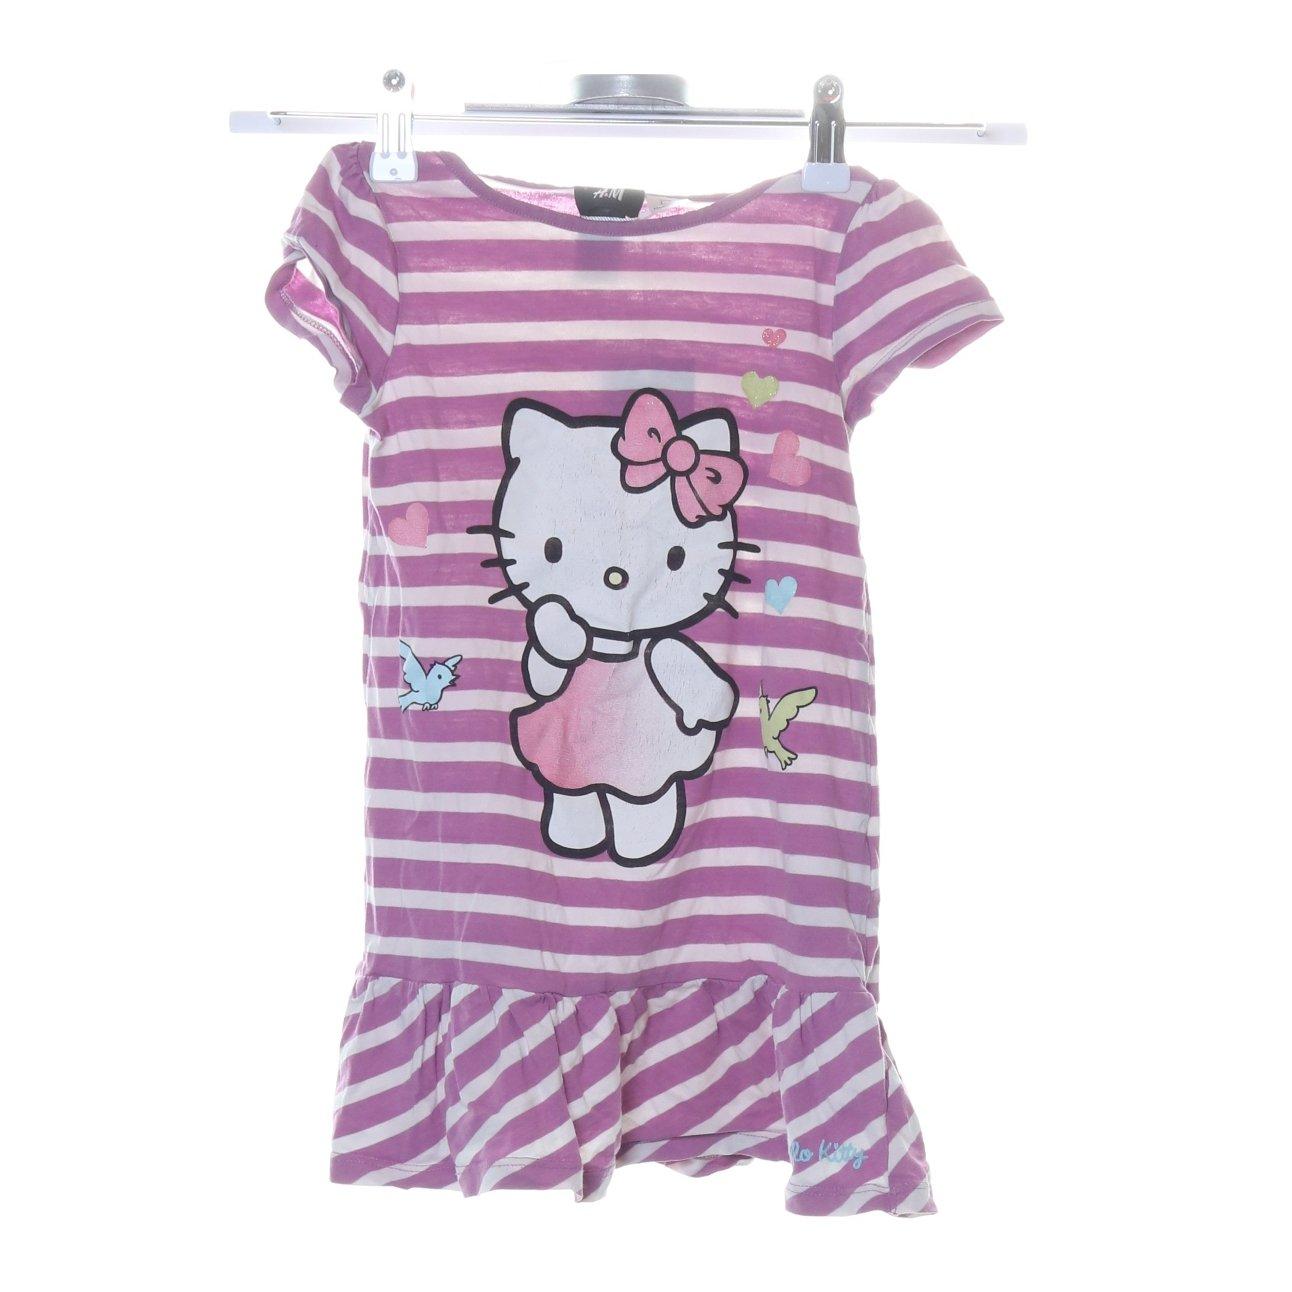 H&M kids x Hello Kitty, Klänning, Strl: 98, LilaVit